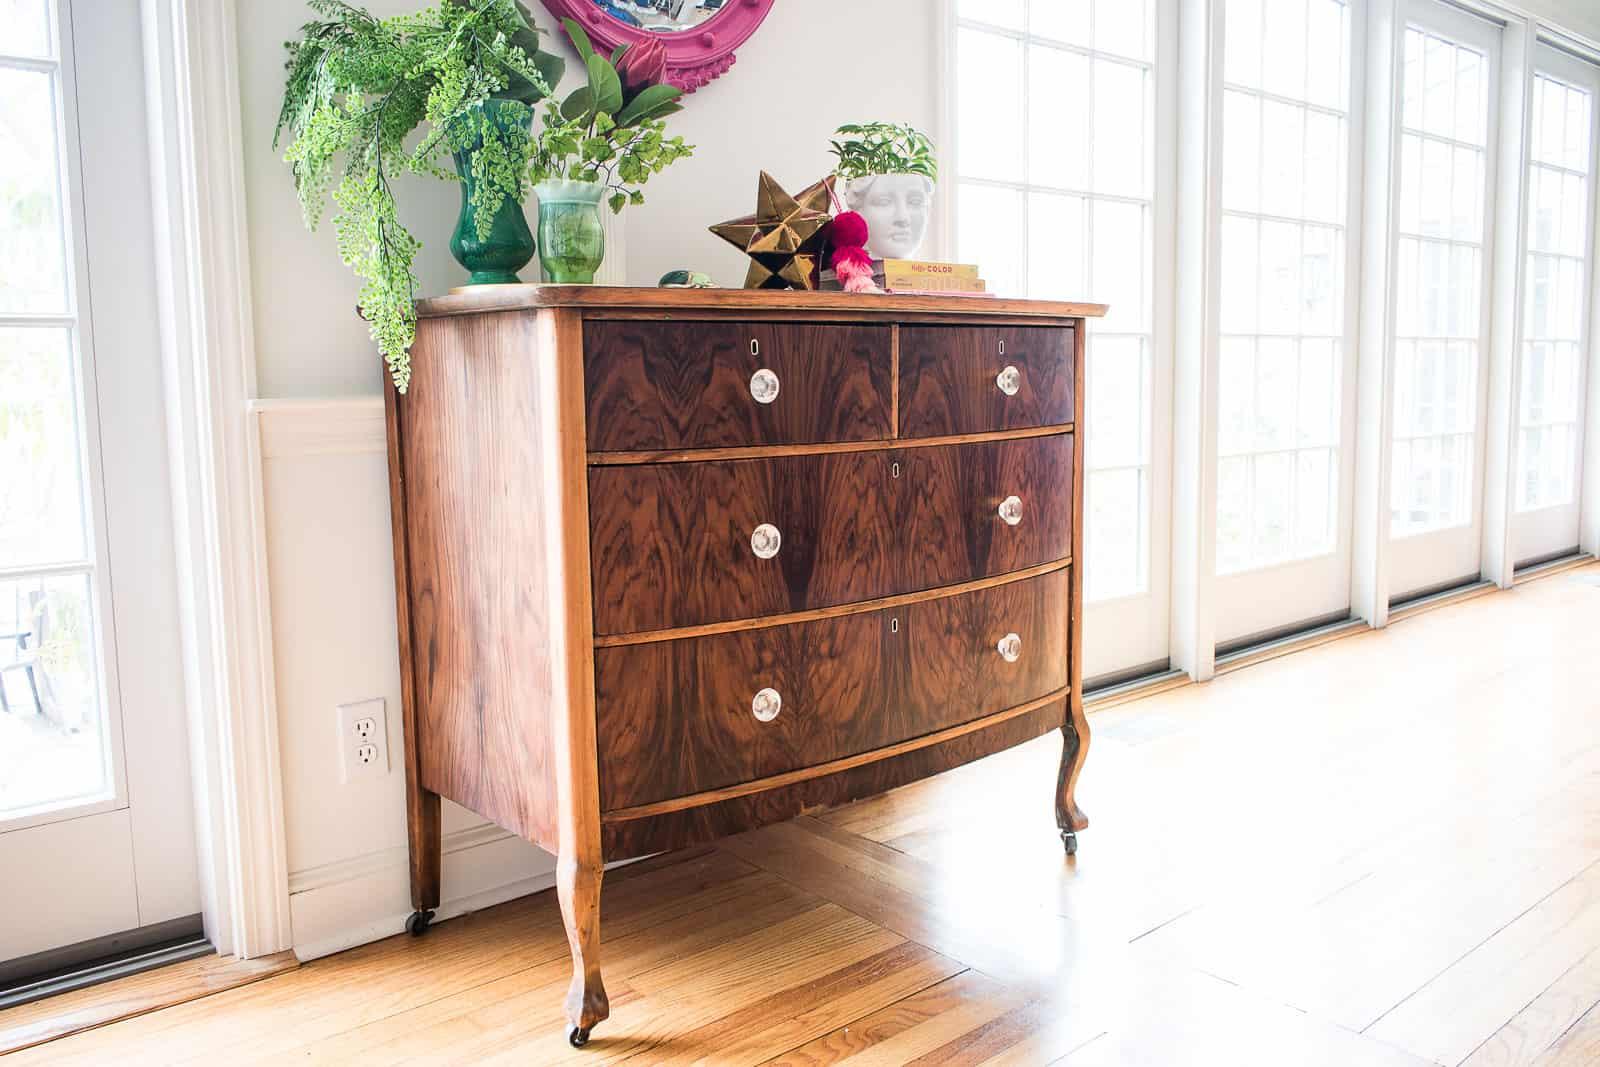 refurbished wooden dresser